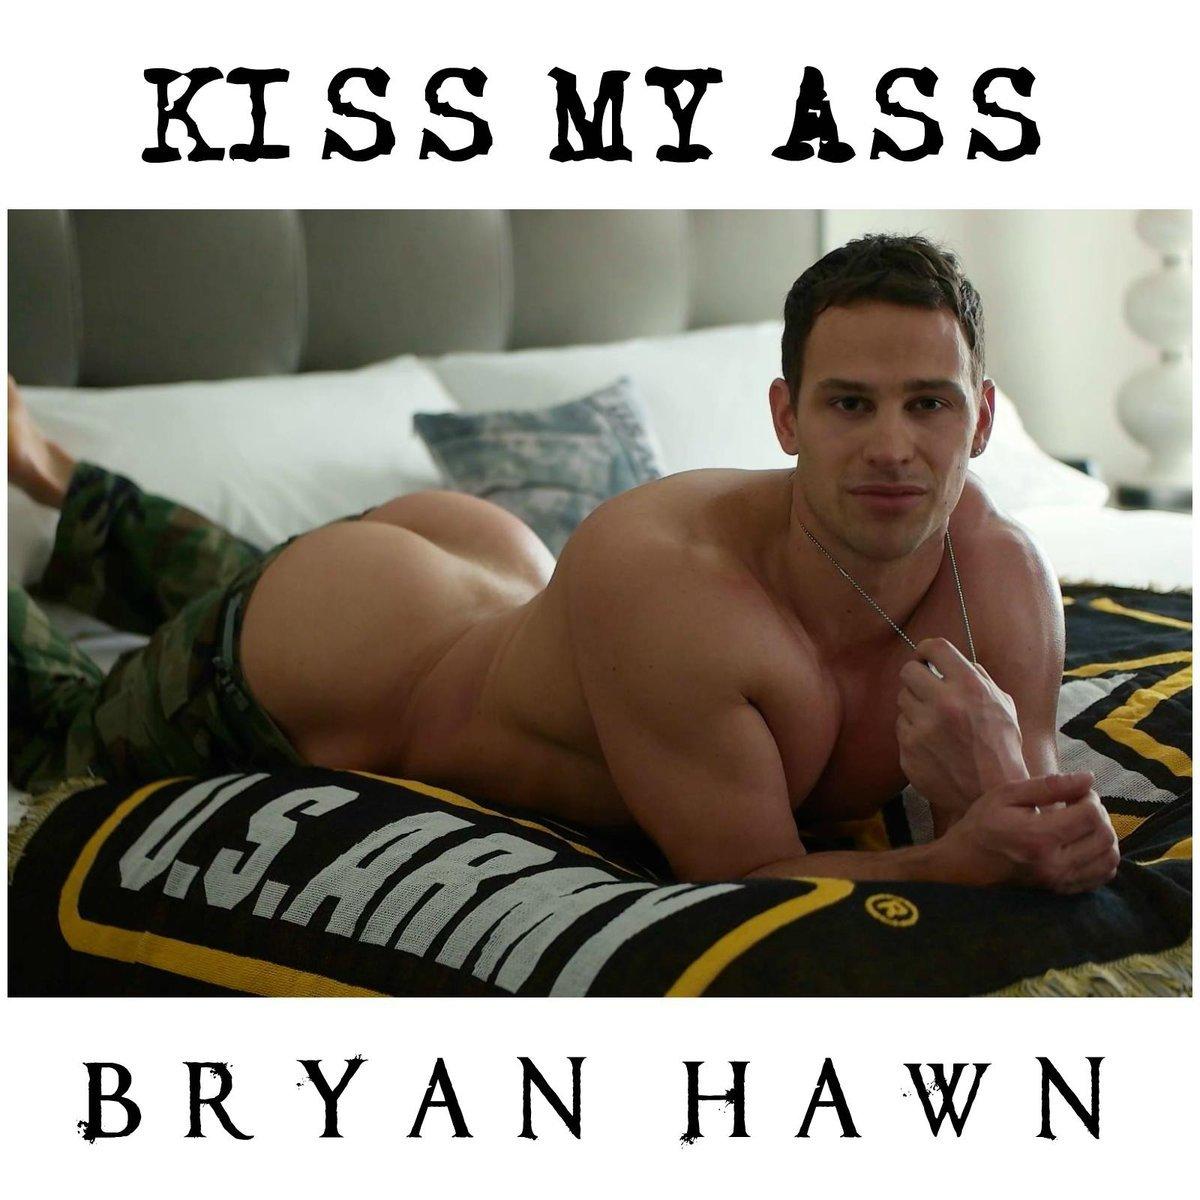 My ass song